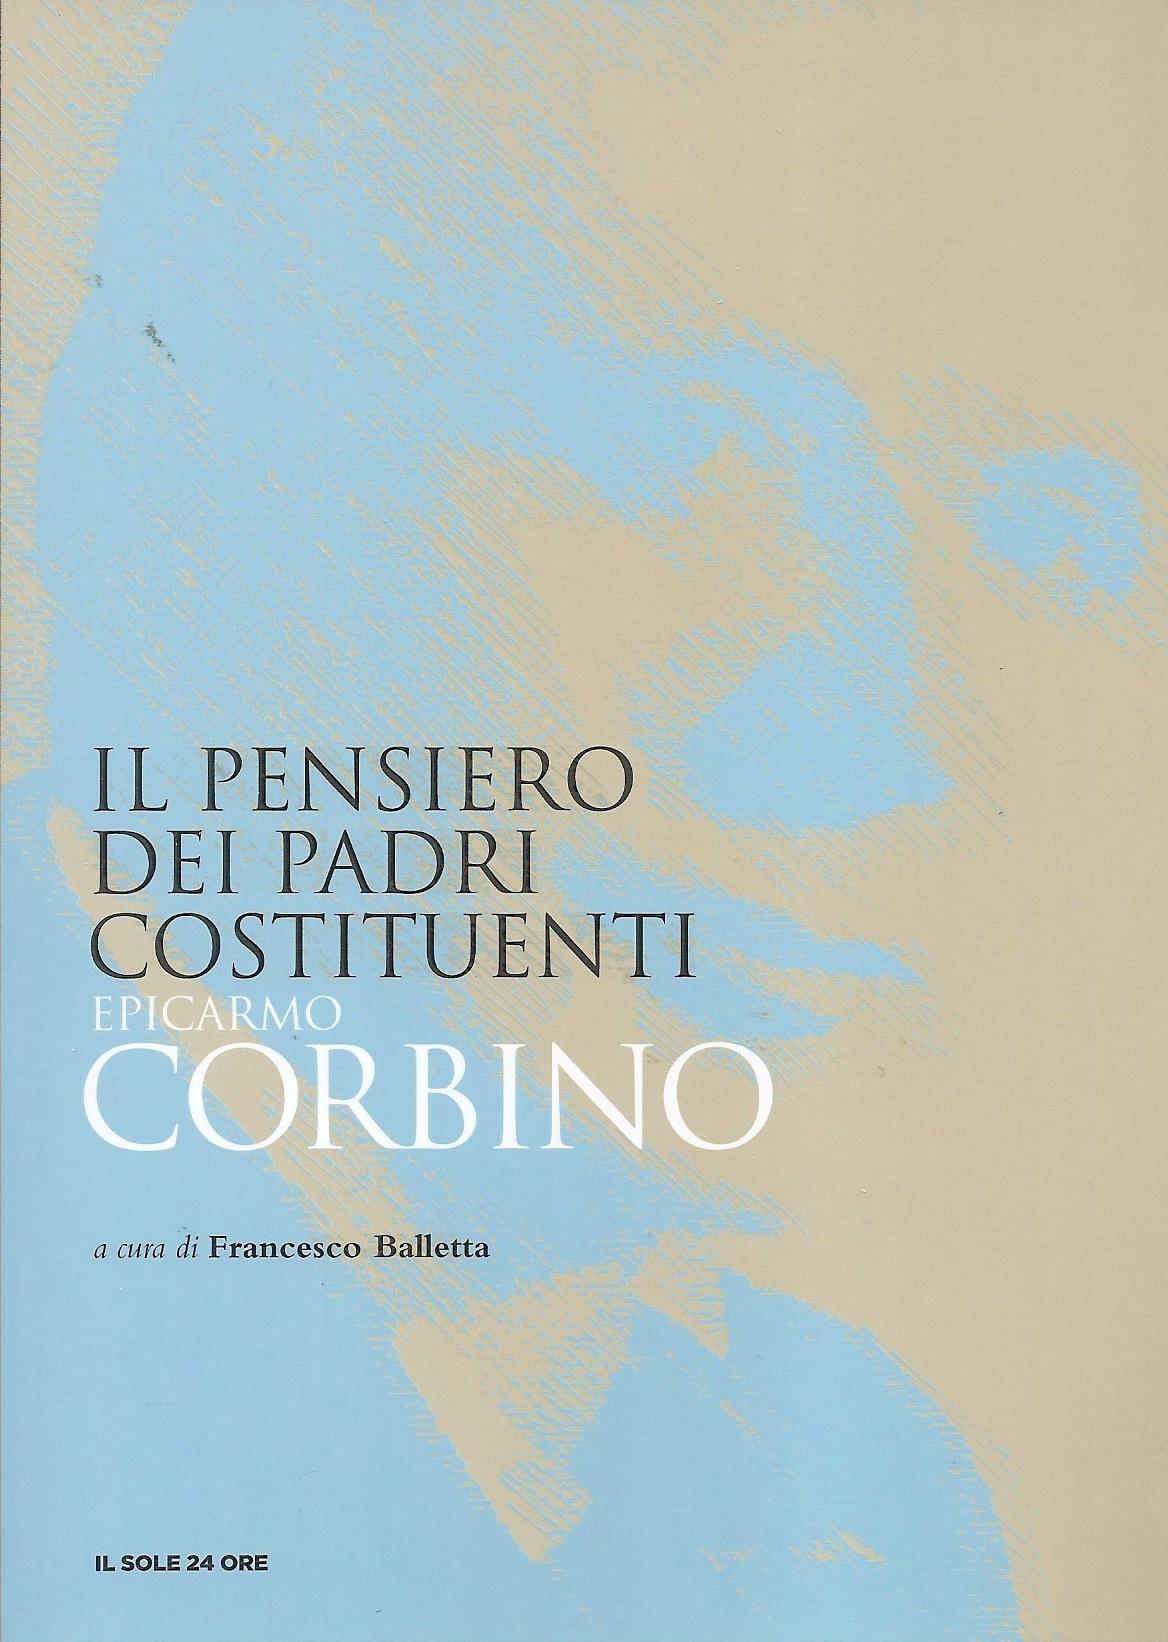 Epicarmo Corbino